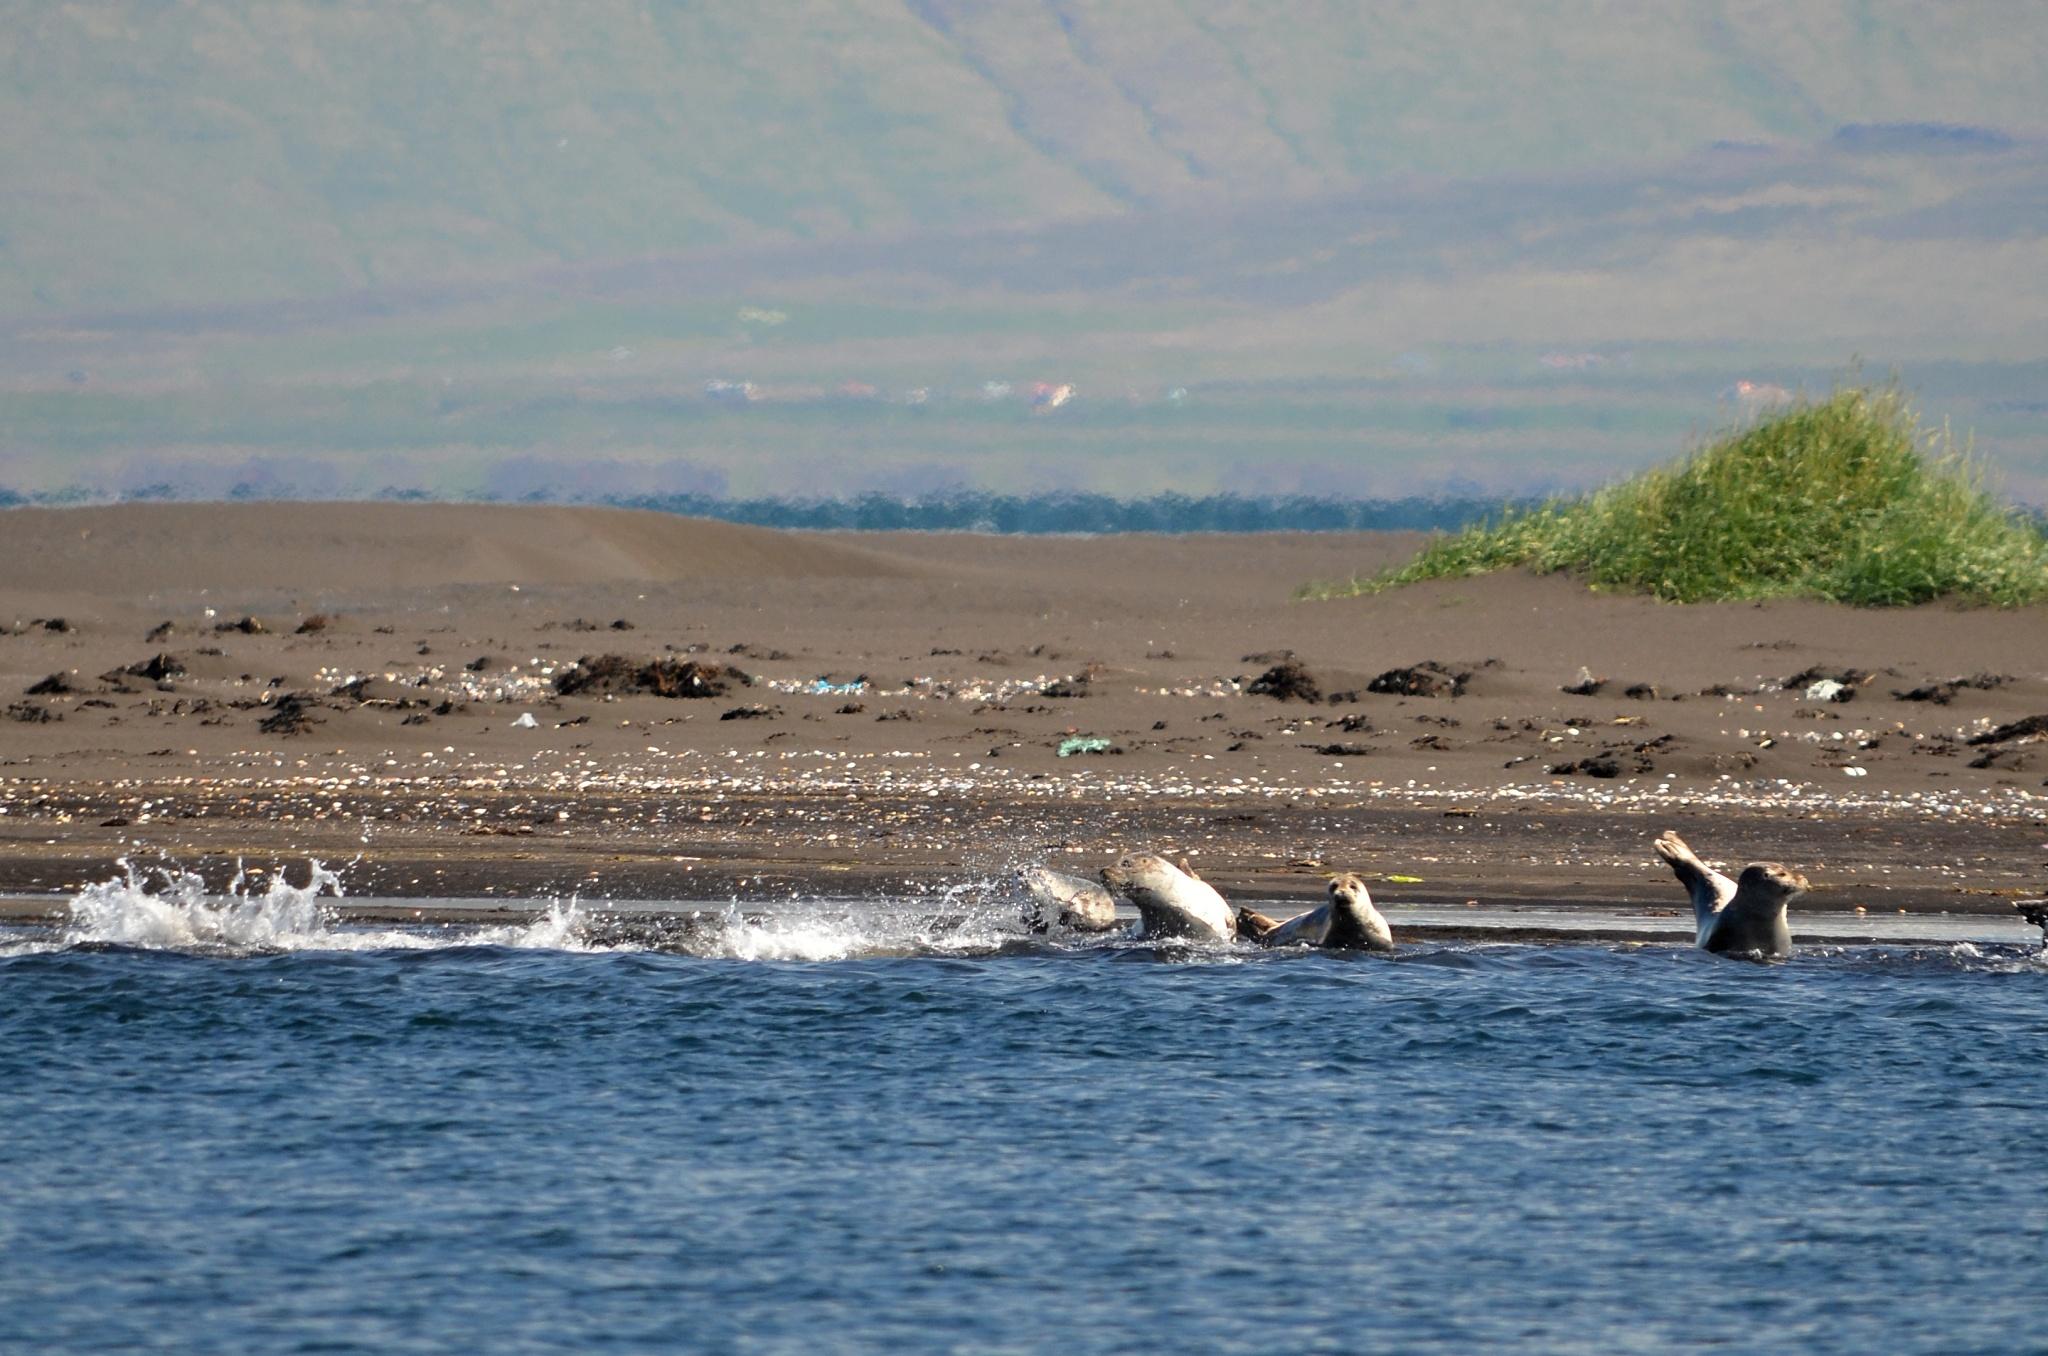 Slunící se a hrající si tuleni